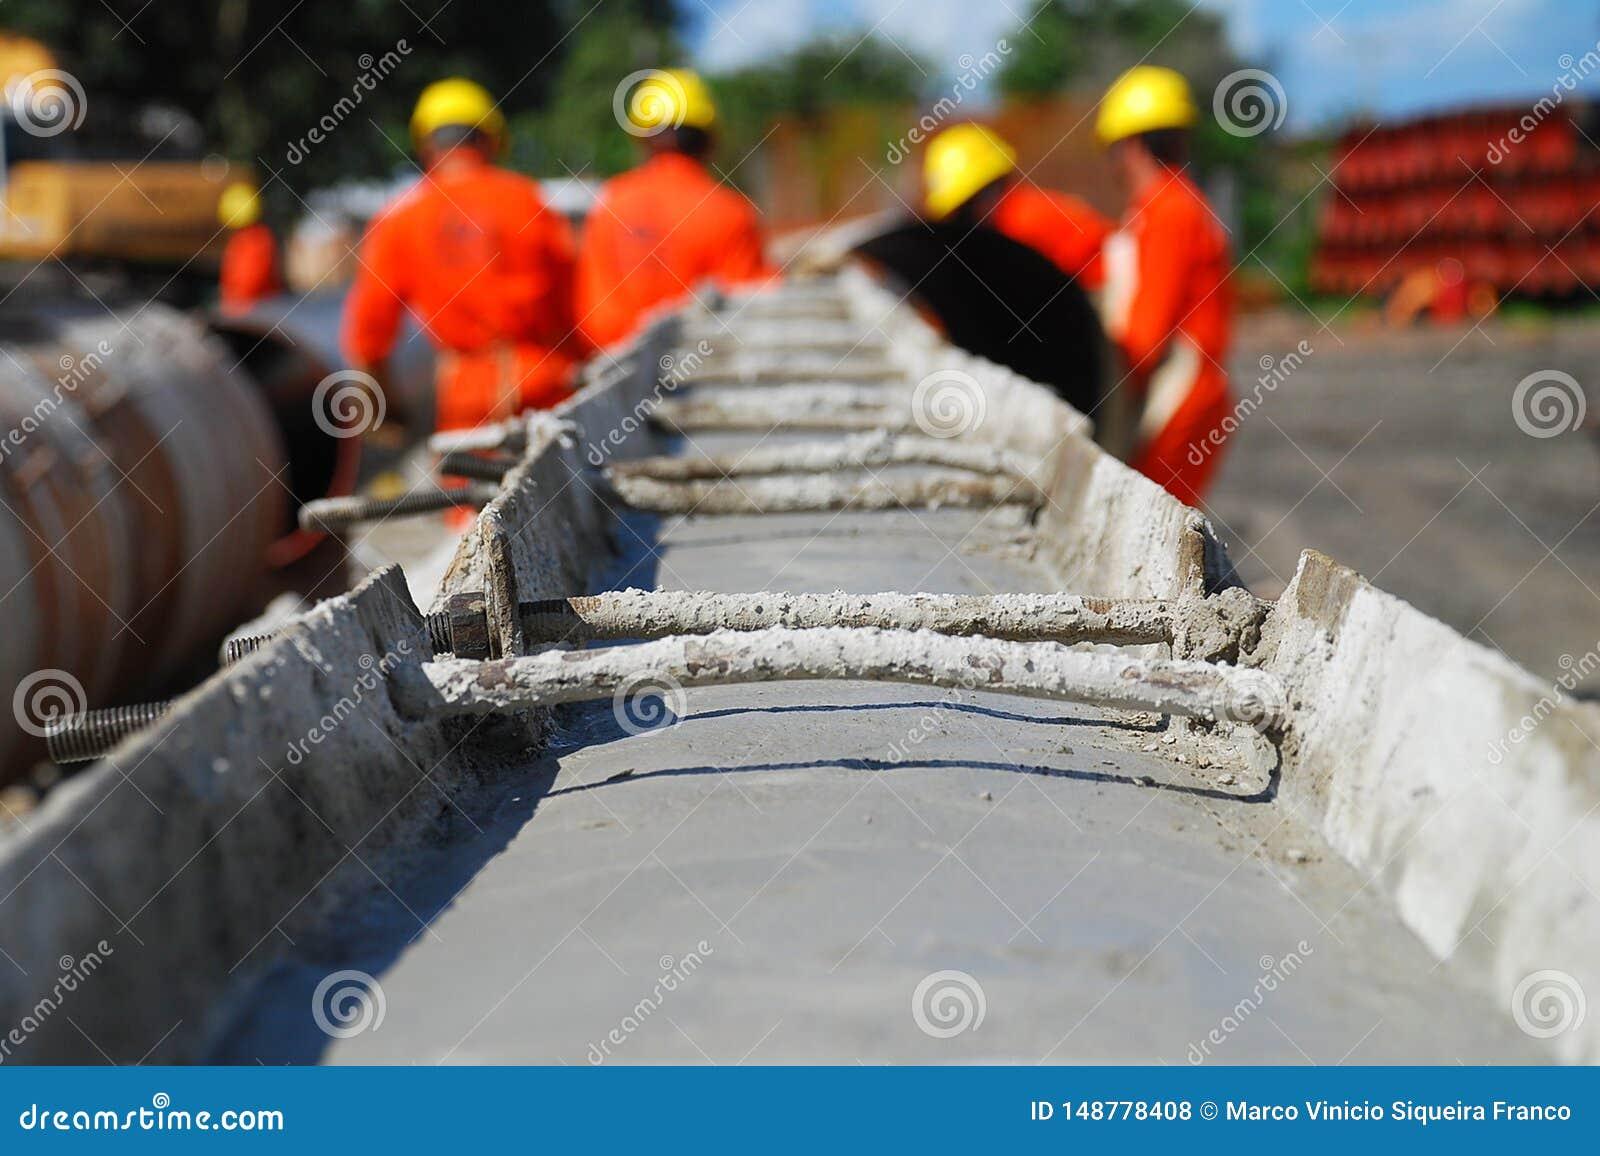 Rör som hårdnar på gasledningkonstruktionsplatsen